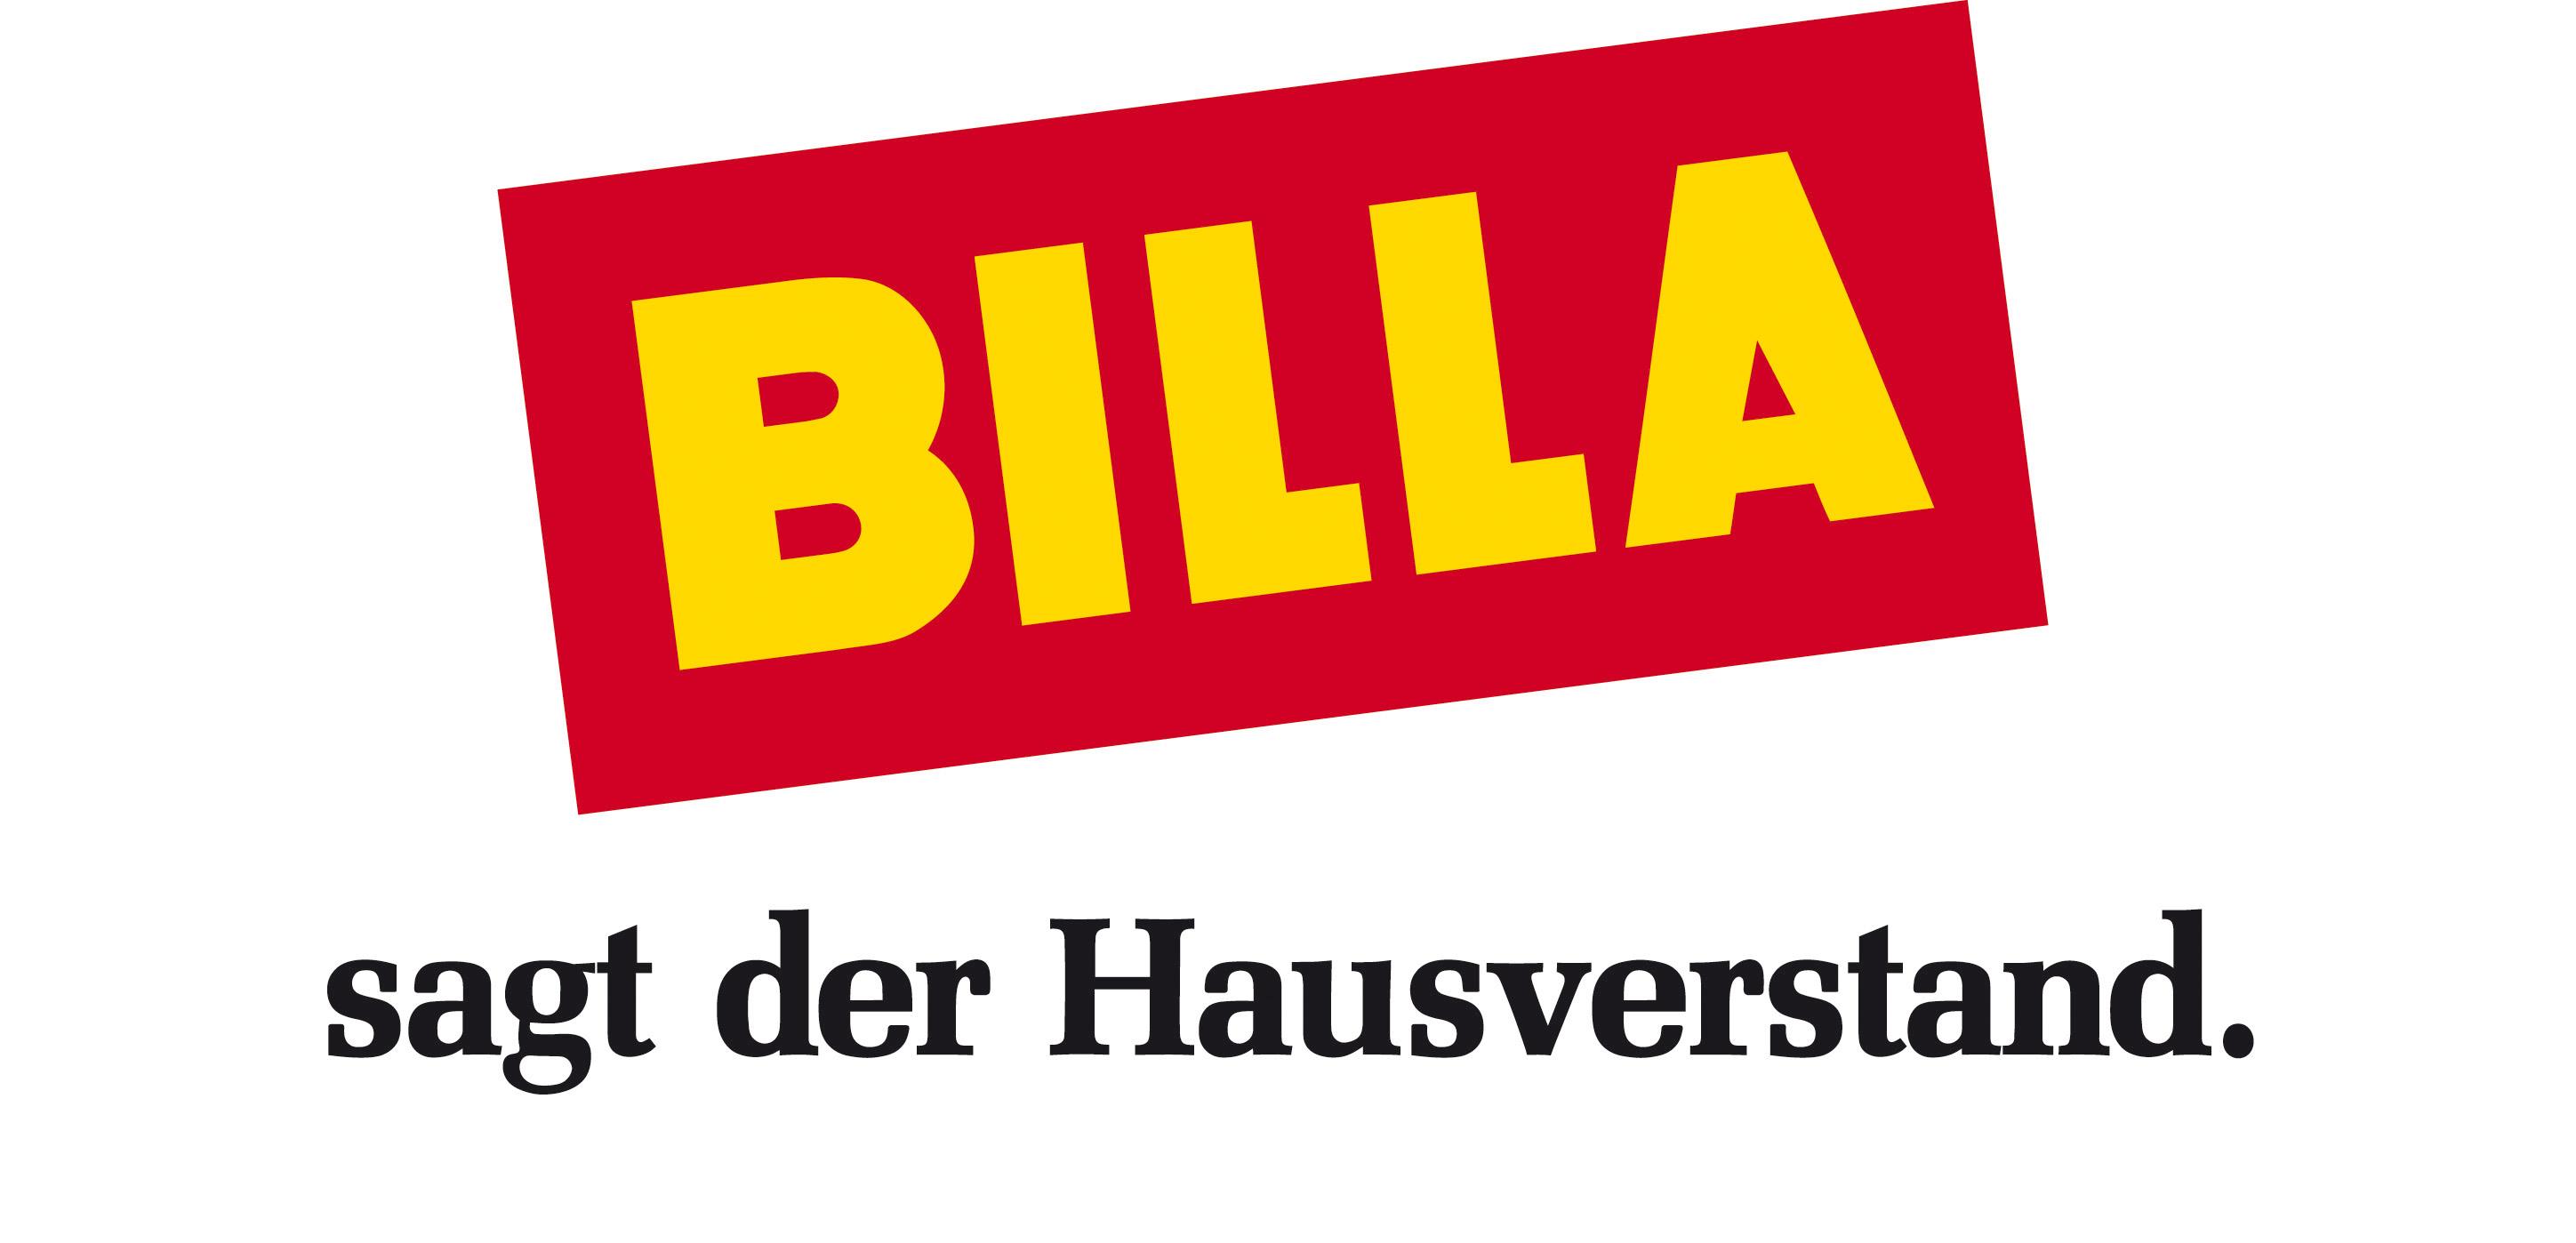 Zoolauf - Billa